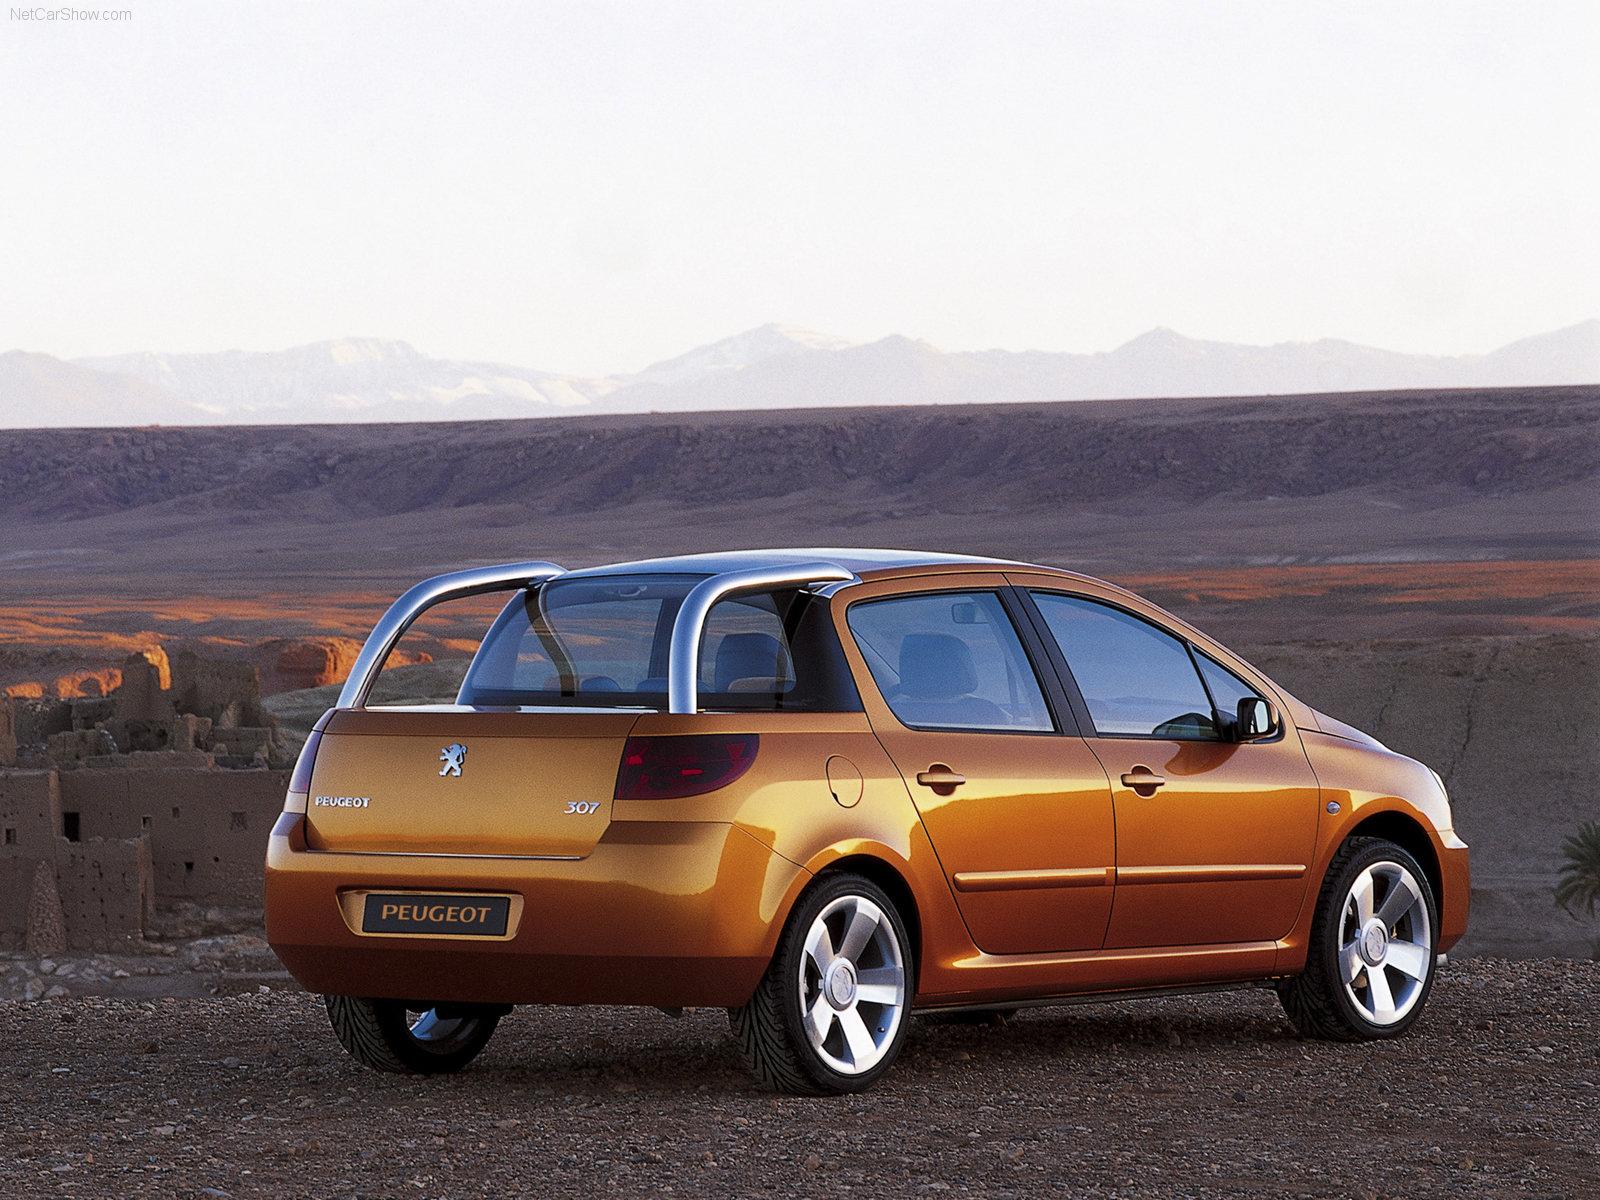 Peugeot-Cameleo - Christian Van Oost